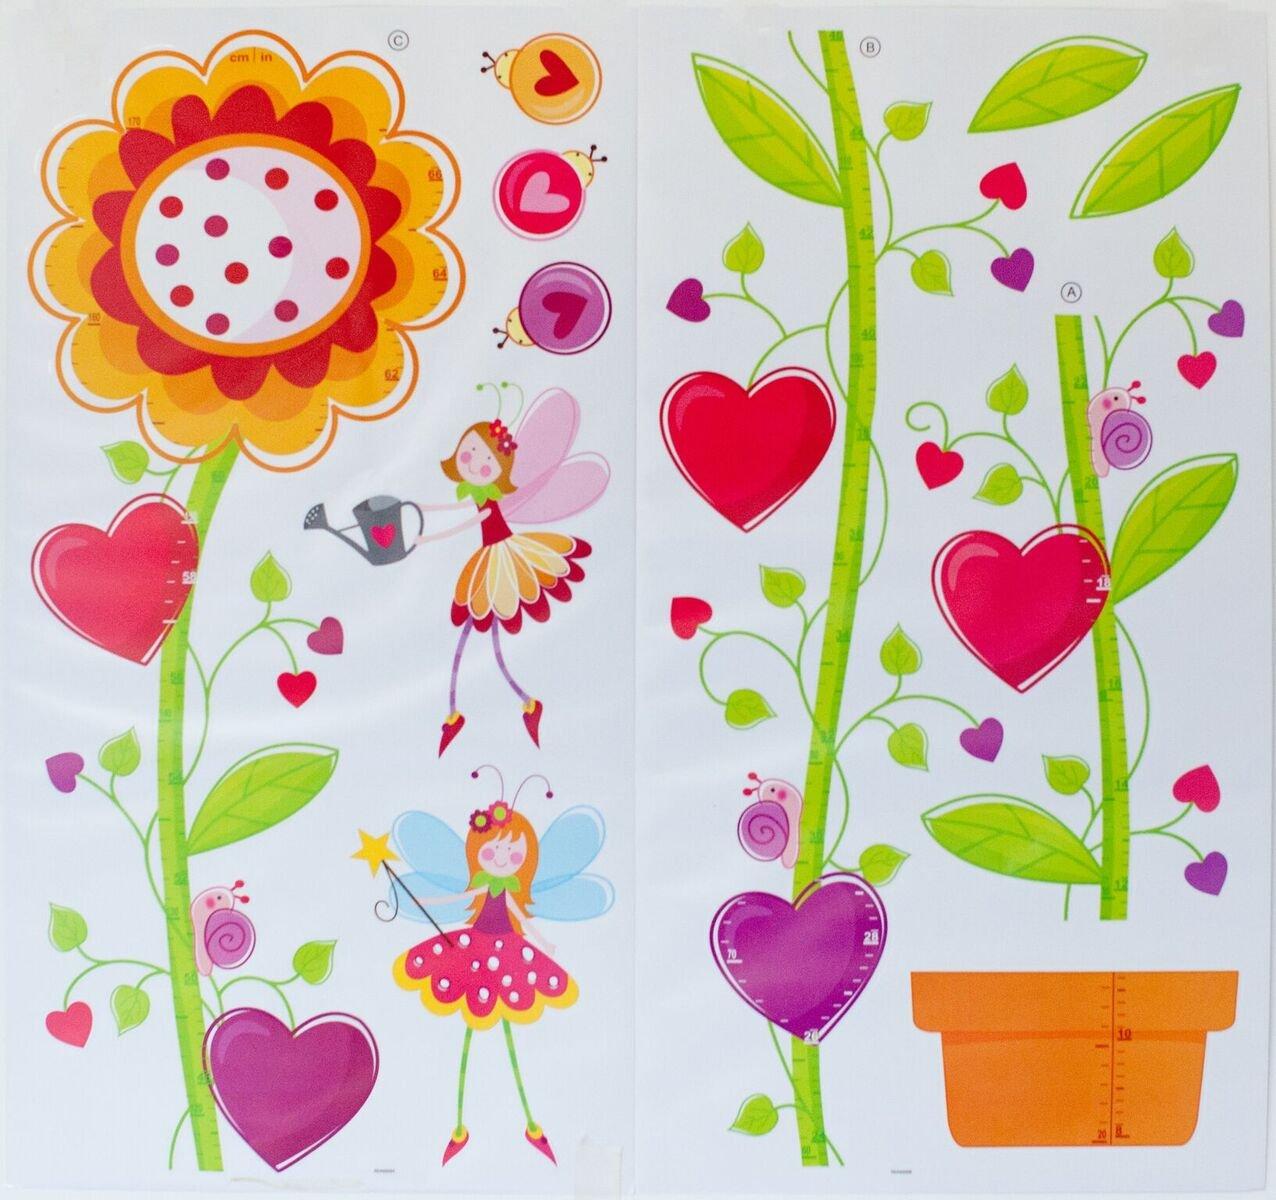 キッズ成長チャートリムーバブルwith Flower Fairies Ladybugs Snails 3d画像フレーム飾り子供の部屋保育園Playroom学校(高さ計測66インチまで)   B073SND3R6